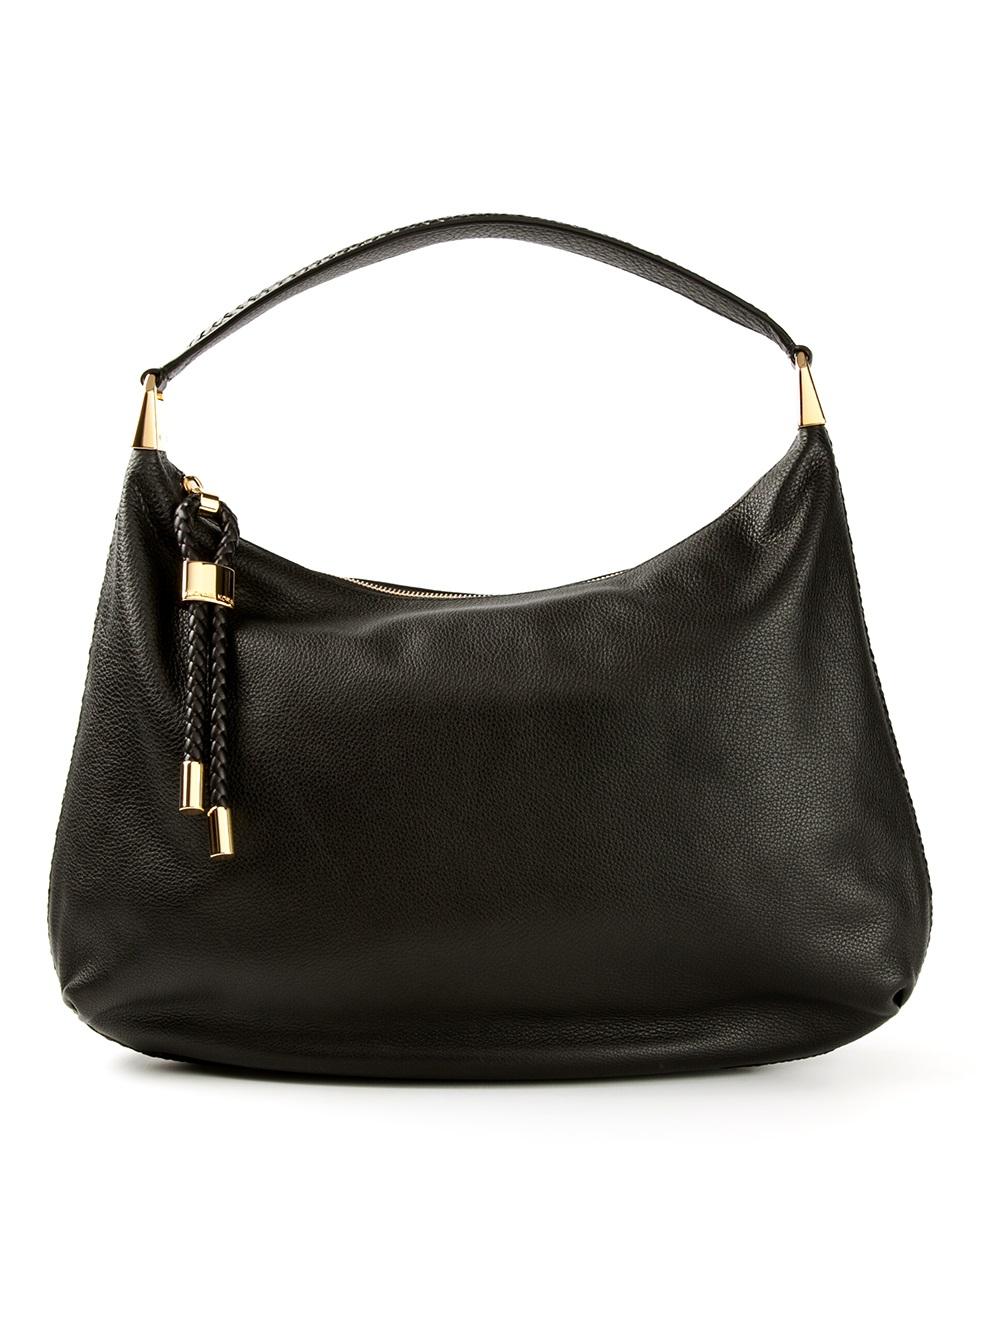 michael kors skorpios hobo shoulder bag in black lyst. Black Bedroom Furniture Sets. Home Design Ideas